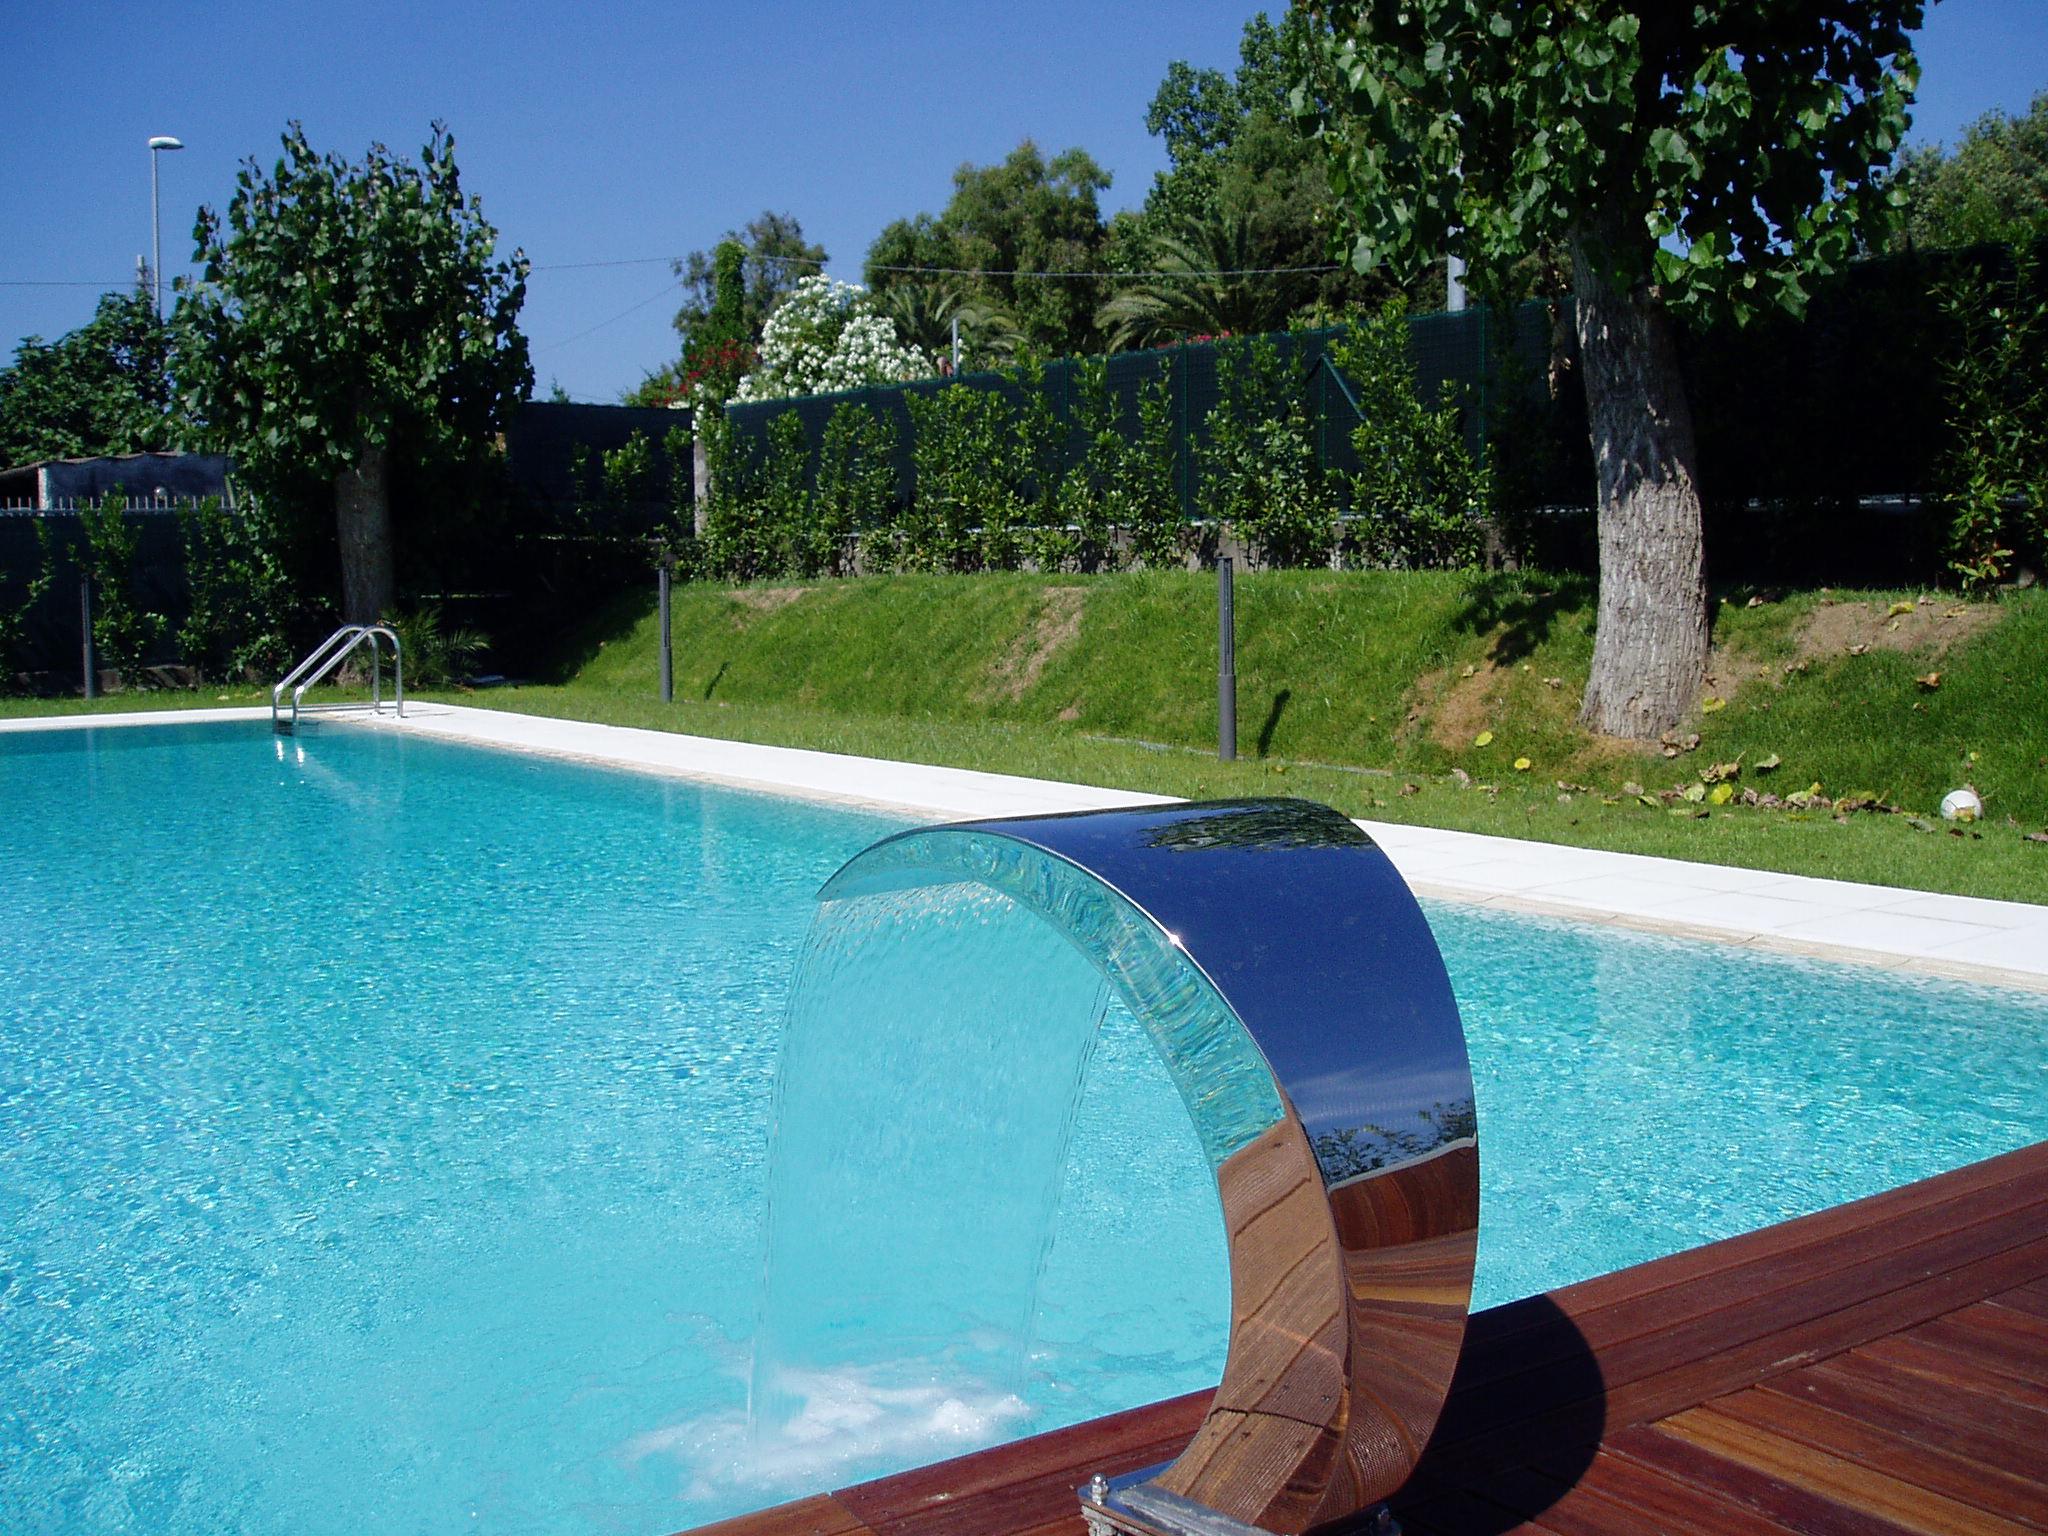 Piscina hotel marina di massa hotel patriziahotel patrizia - Immagini di piscina ...